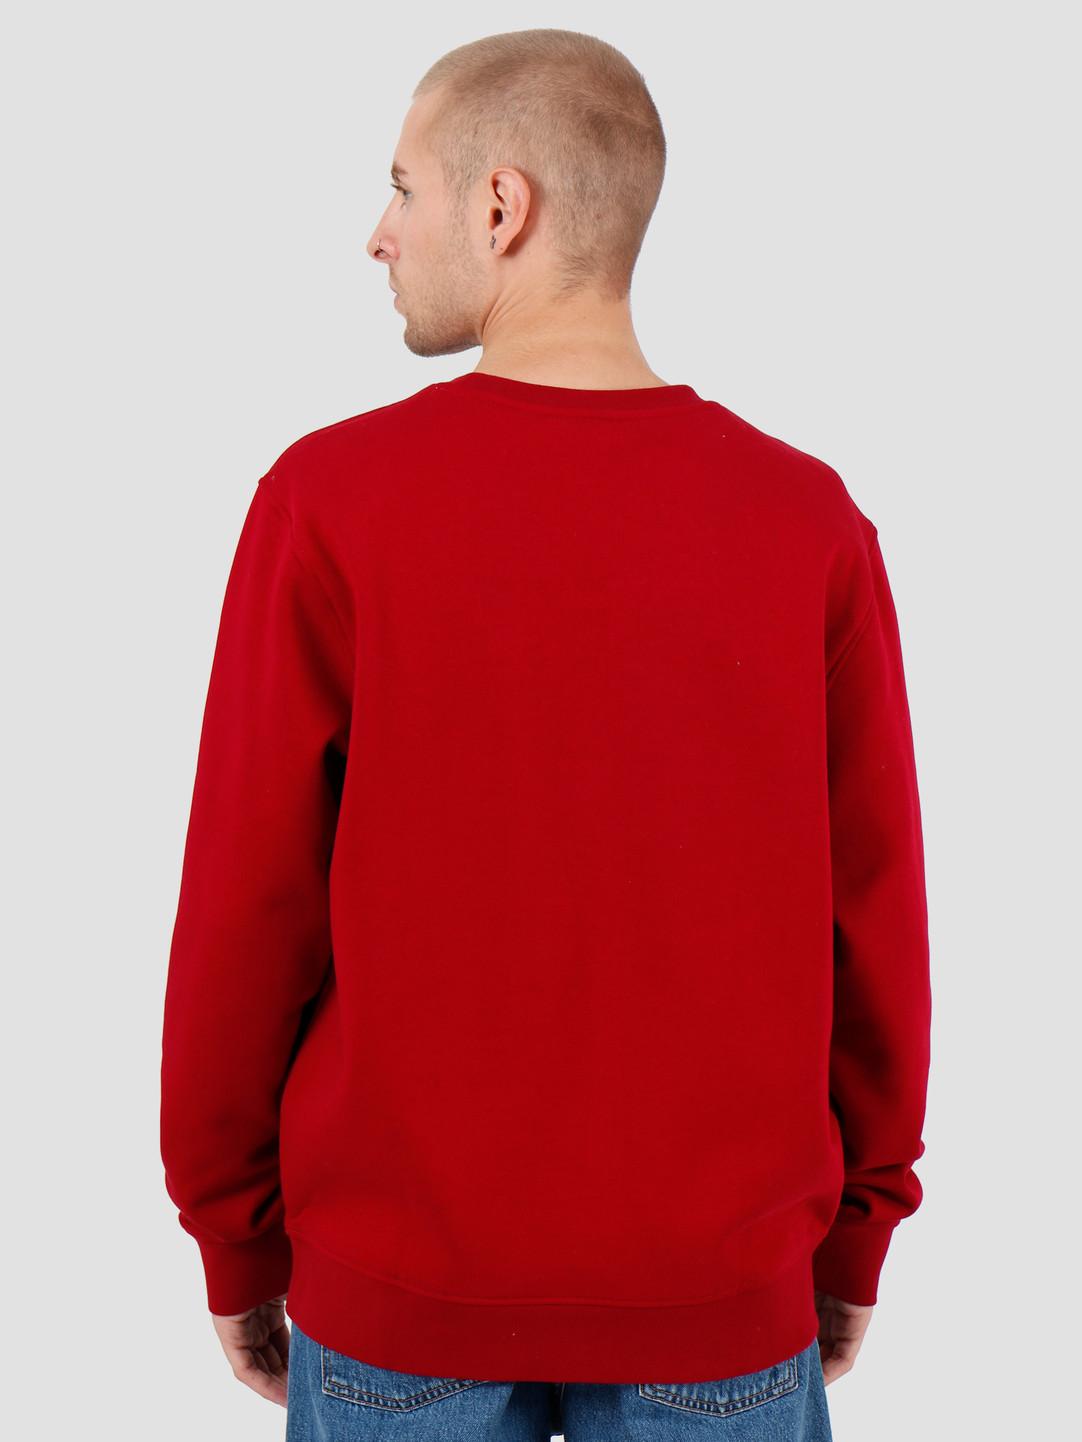 Lacoste Lacoste 1HS1 Sweatshirt Bordeaux SH7613-93